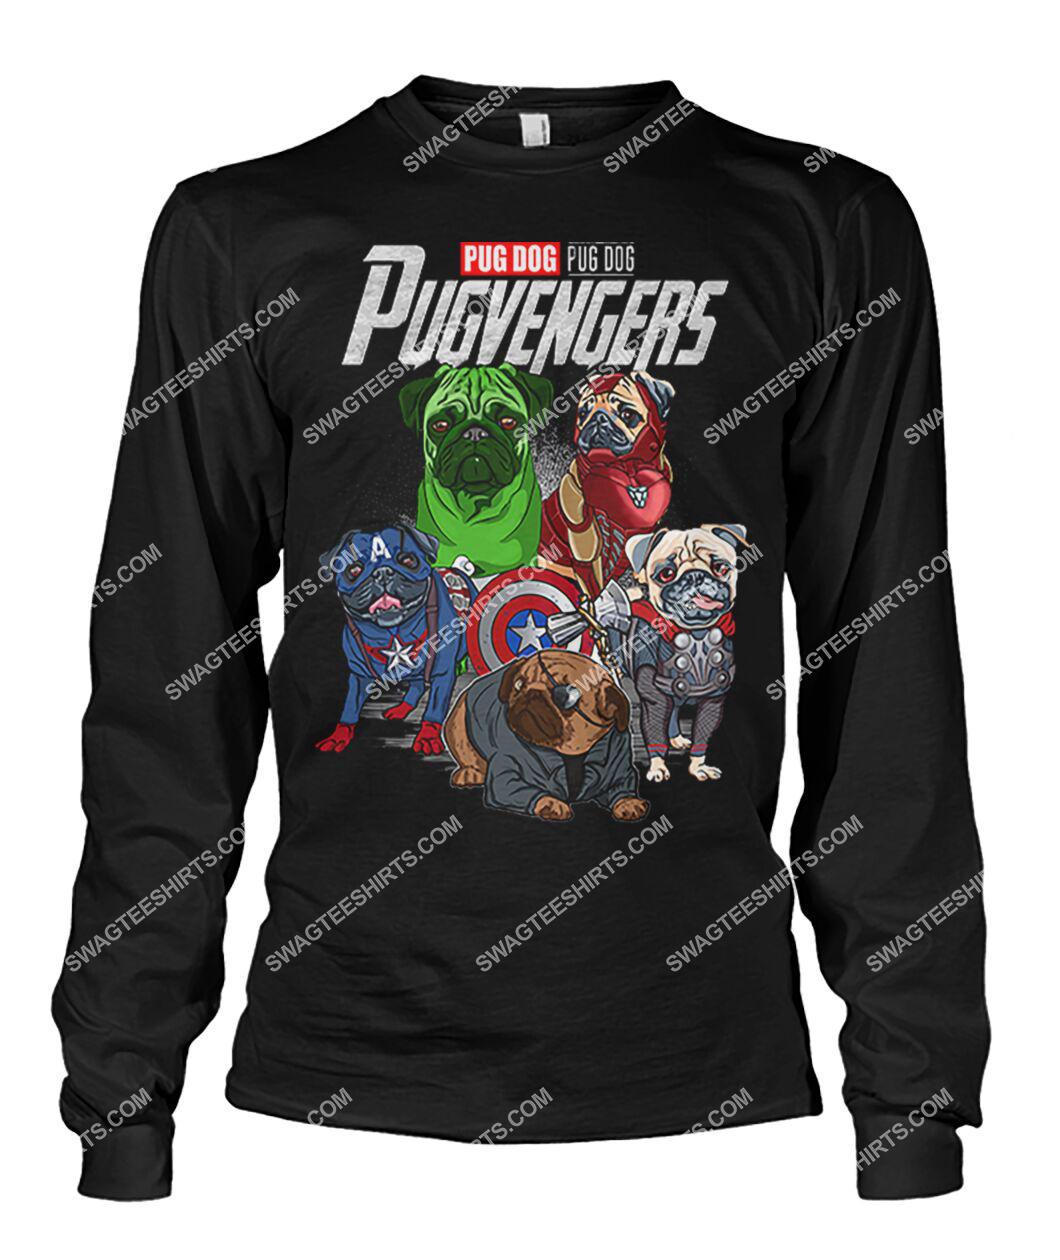 pug dog pugvengers marvel avengers dogs lover sweatshirt 1